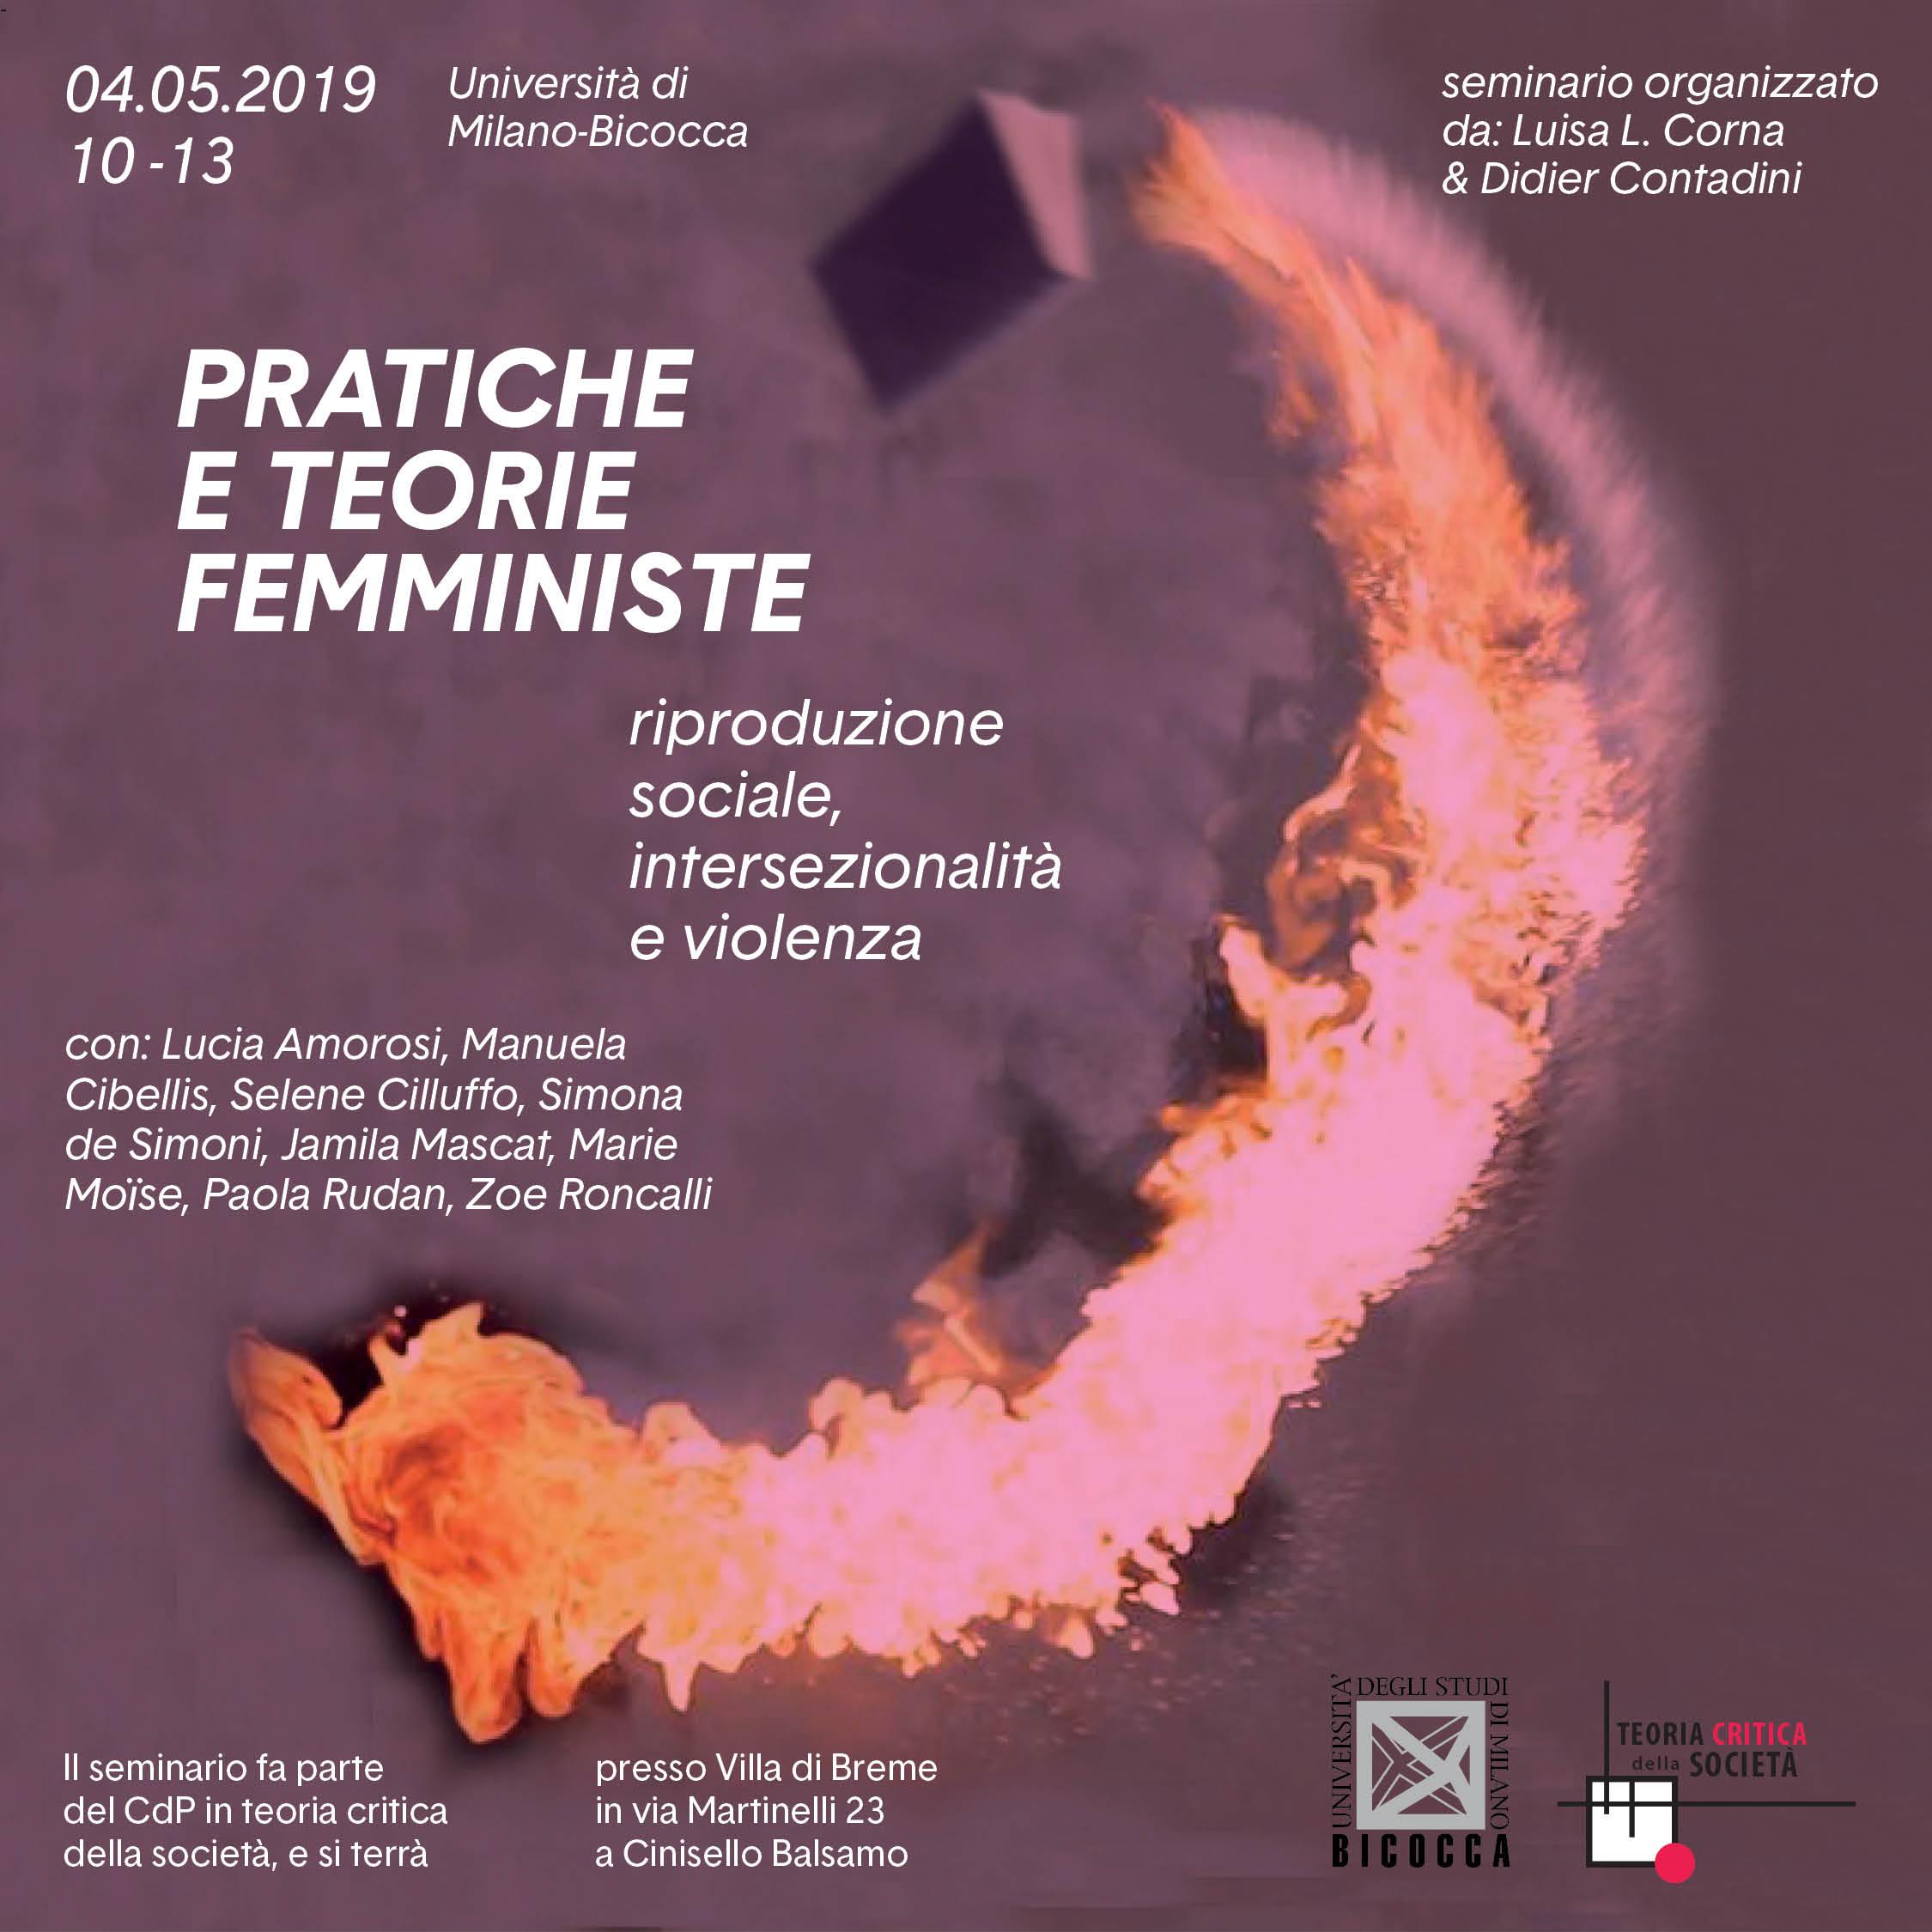 Locandina: Pratiche e Teorie Femministe 04.05.19